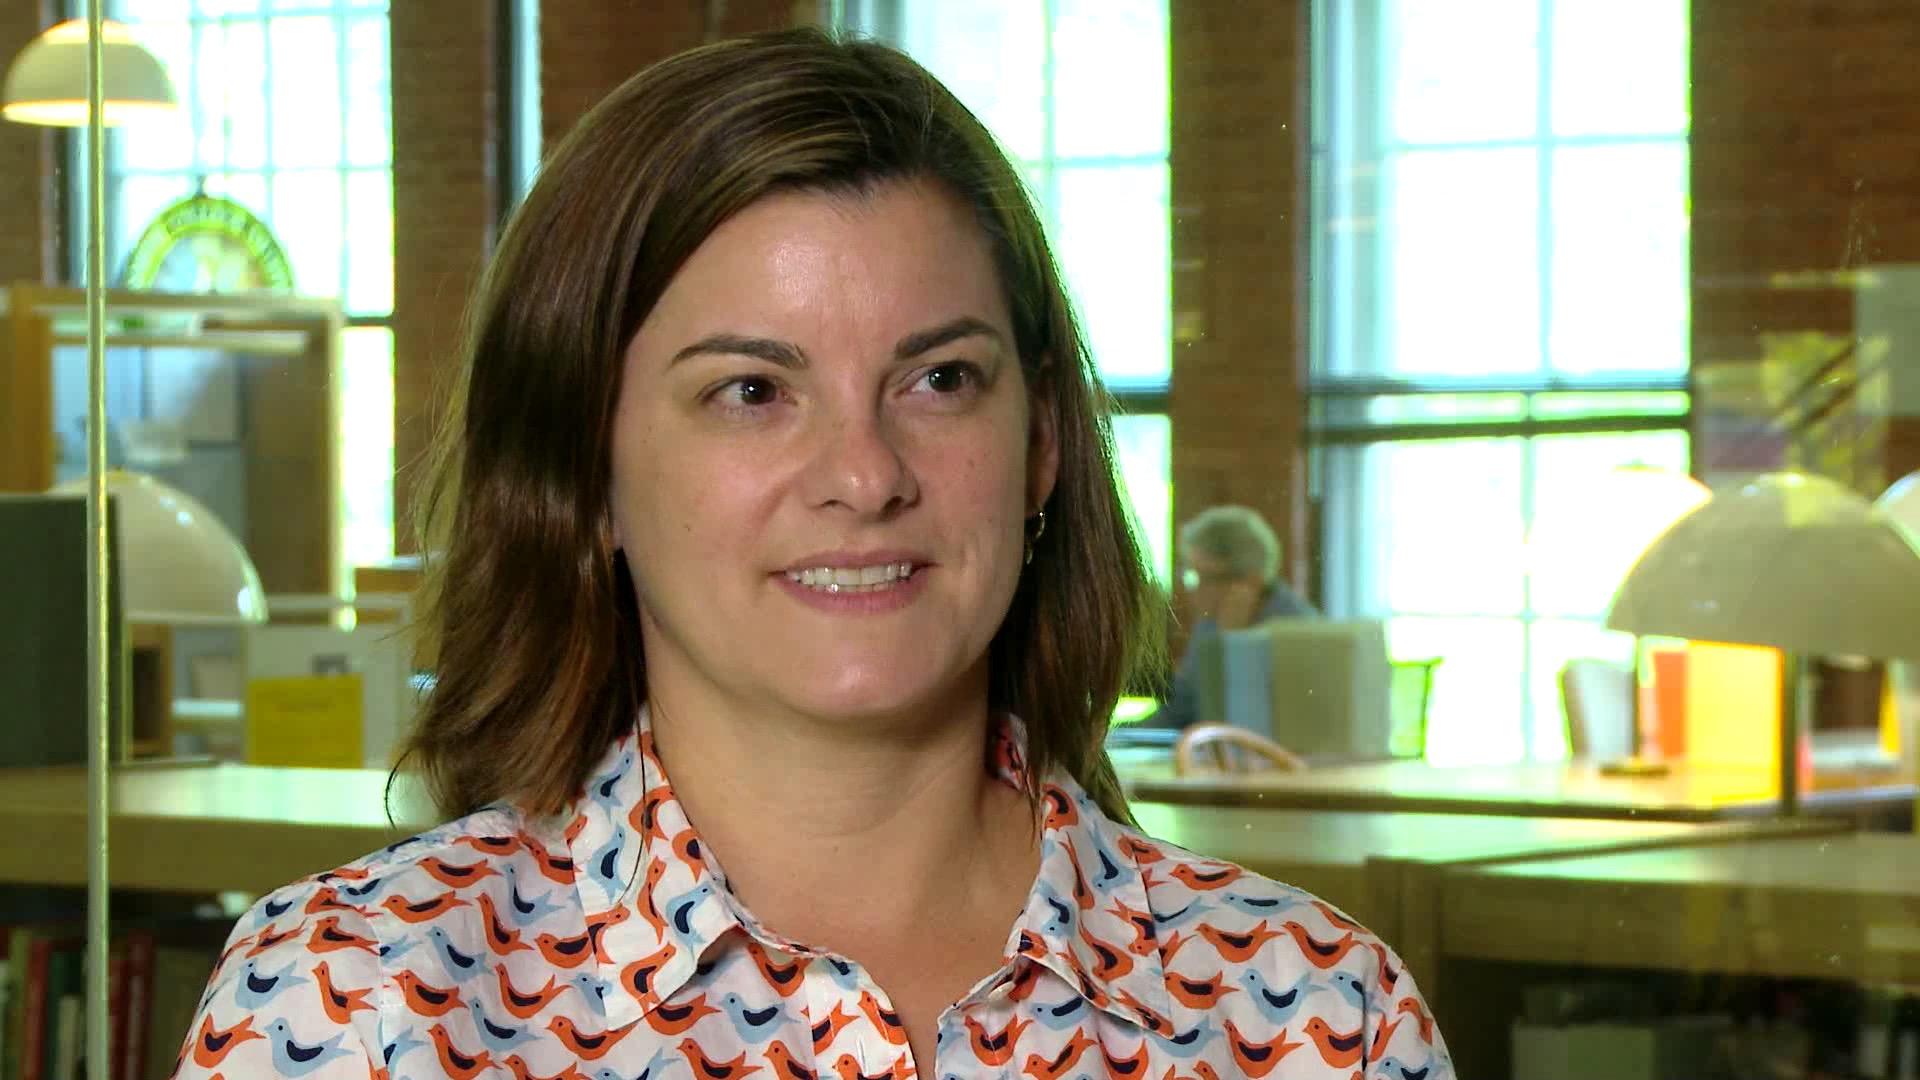 Elizabeth Owens, Class of 2001